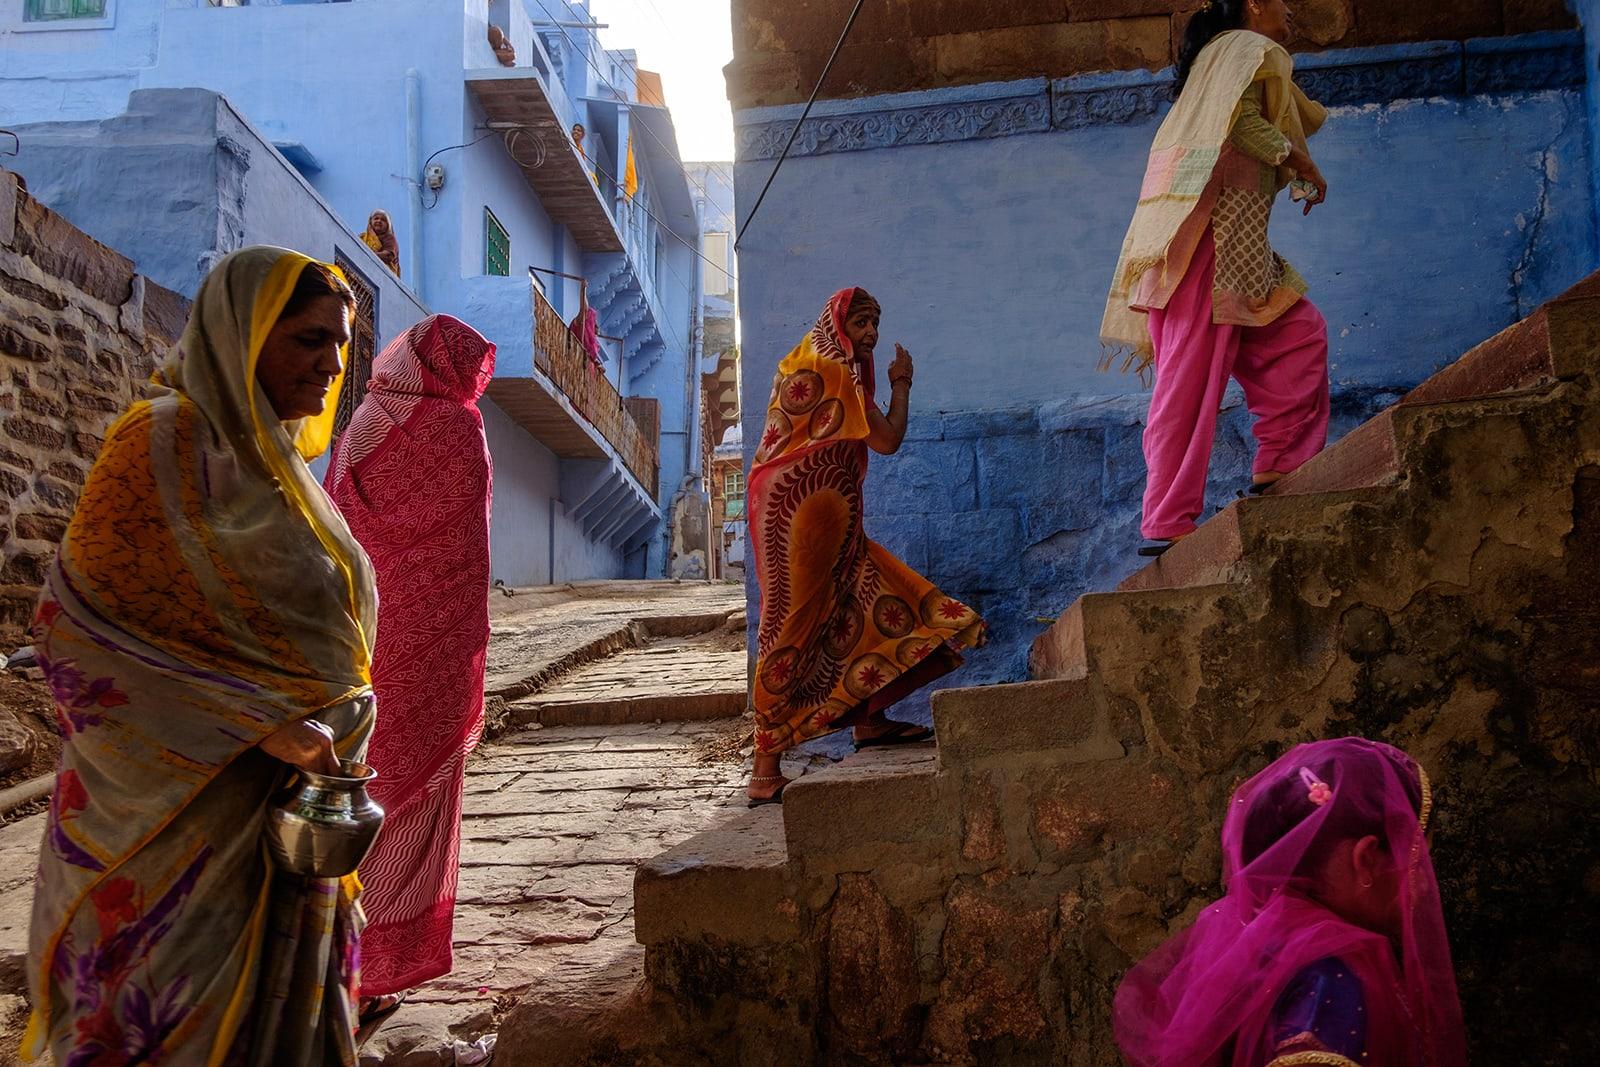 Rajasthan photo tour, India